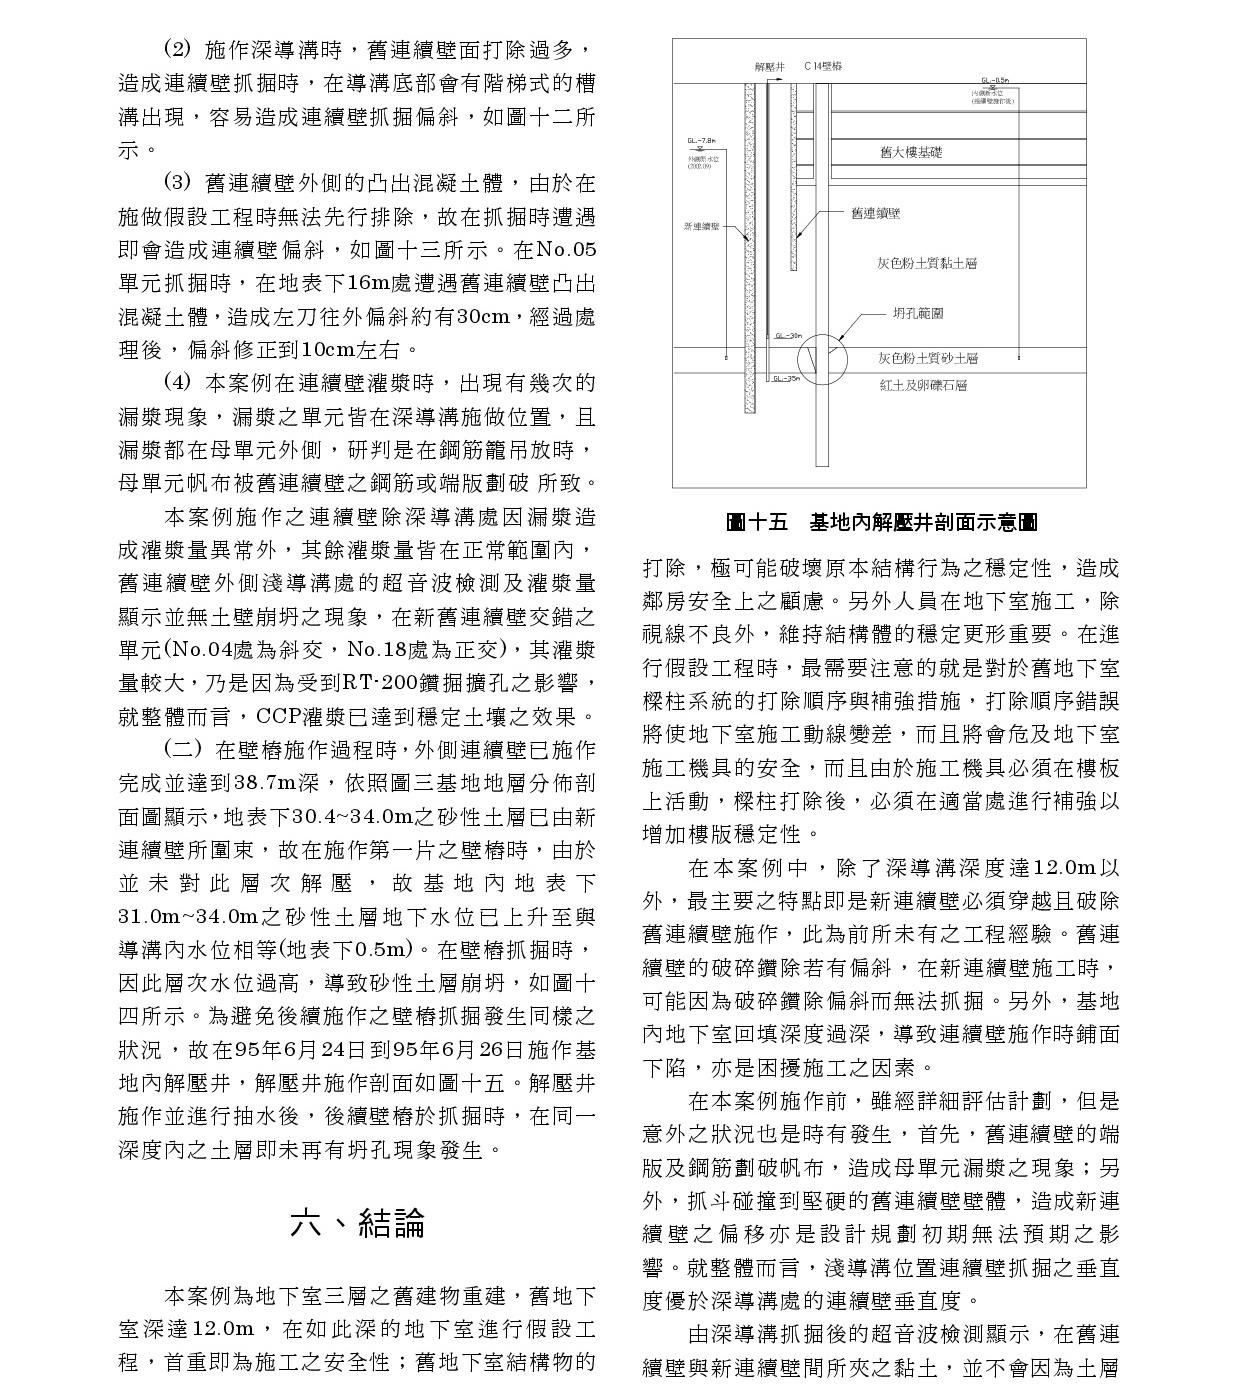 論文 (1).jpg